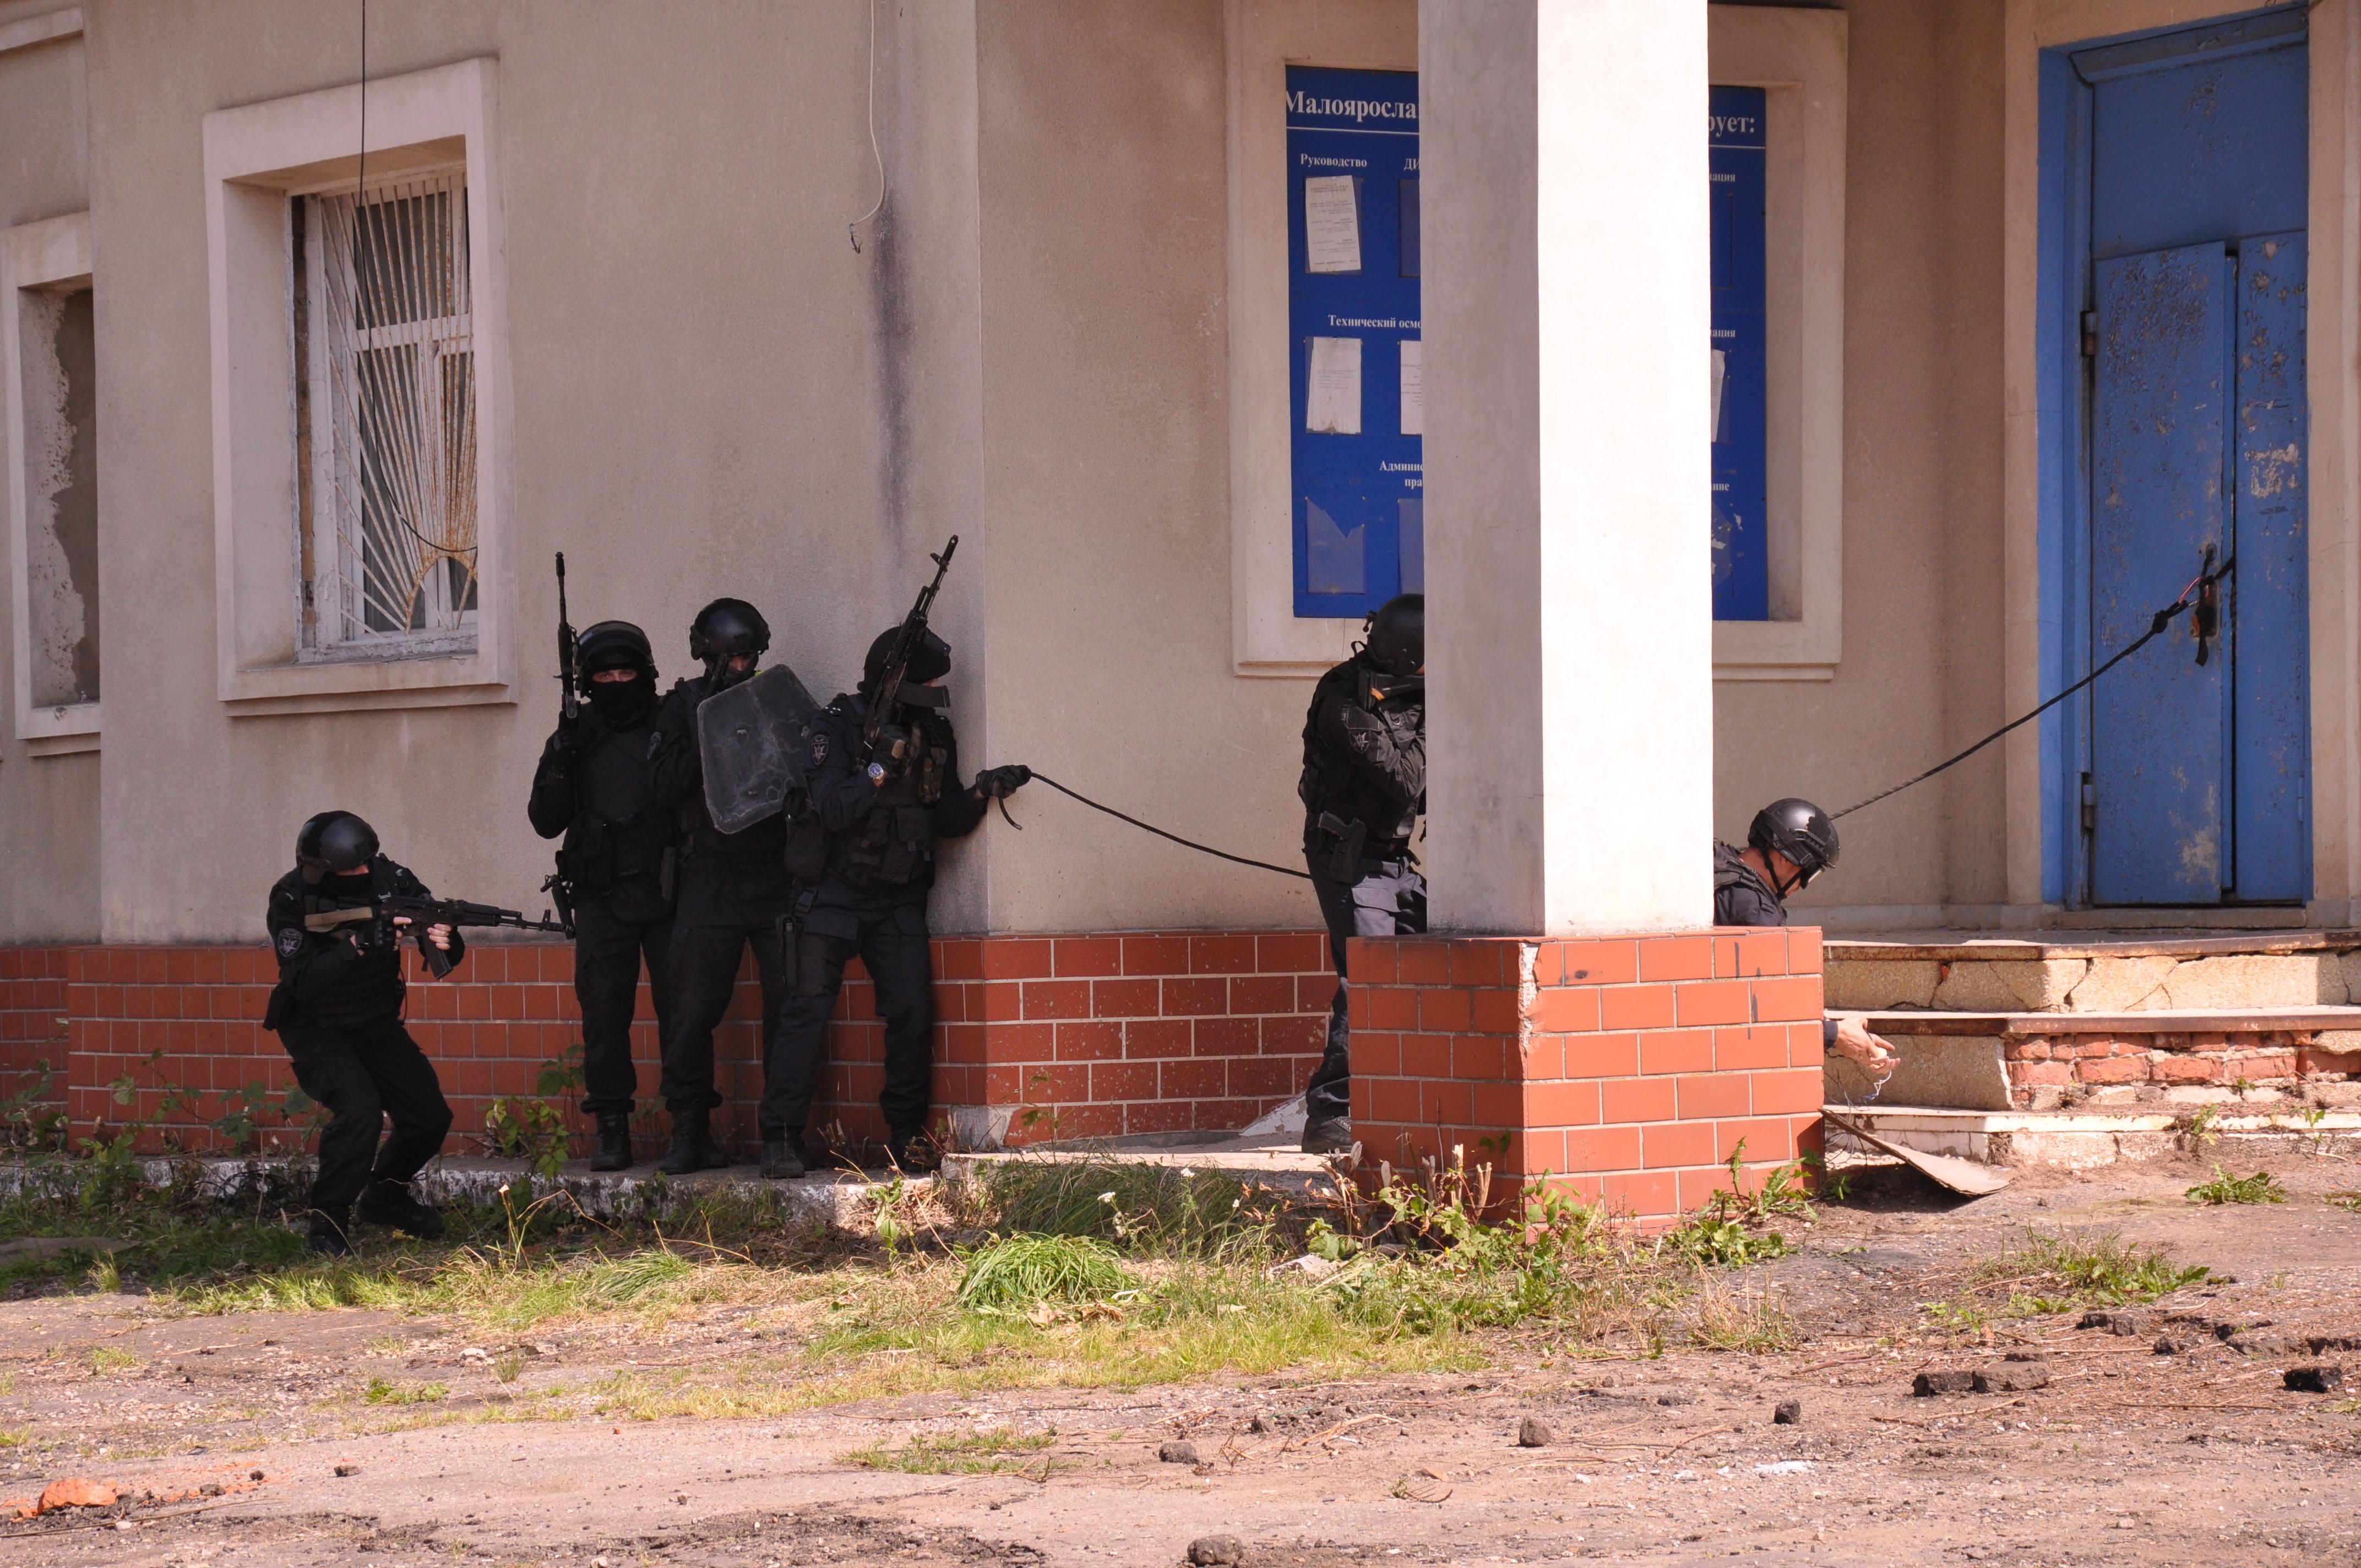 Учения ФСБ террористы Калужская область